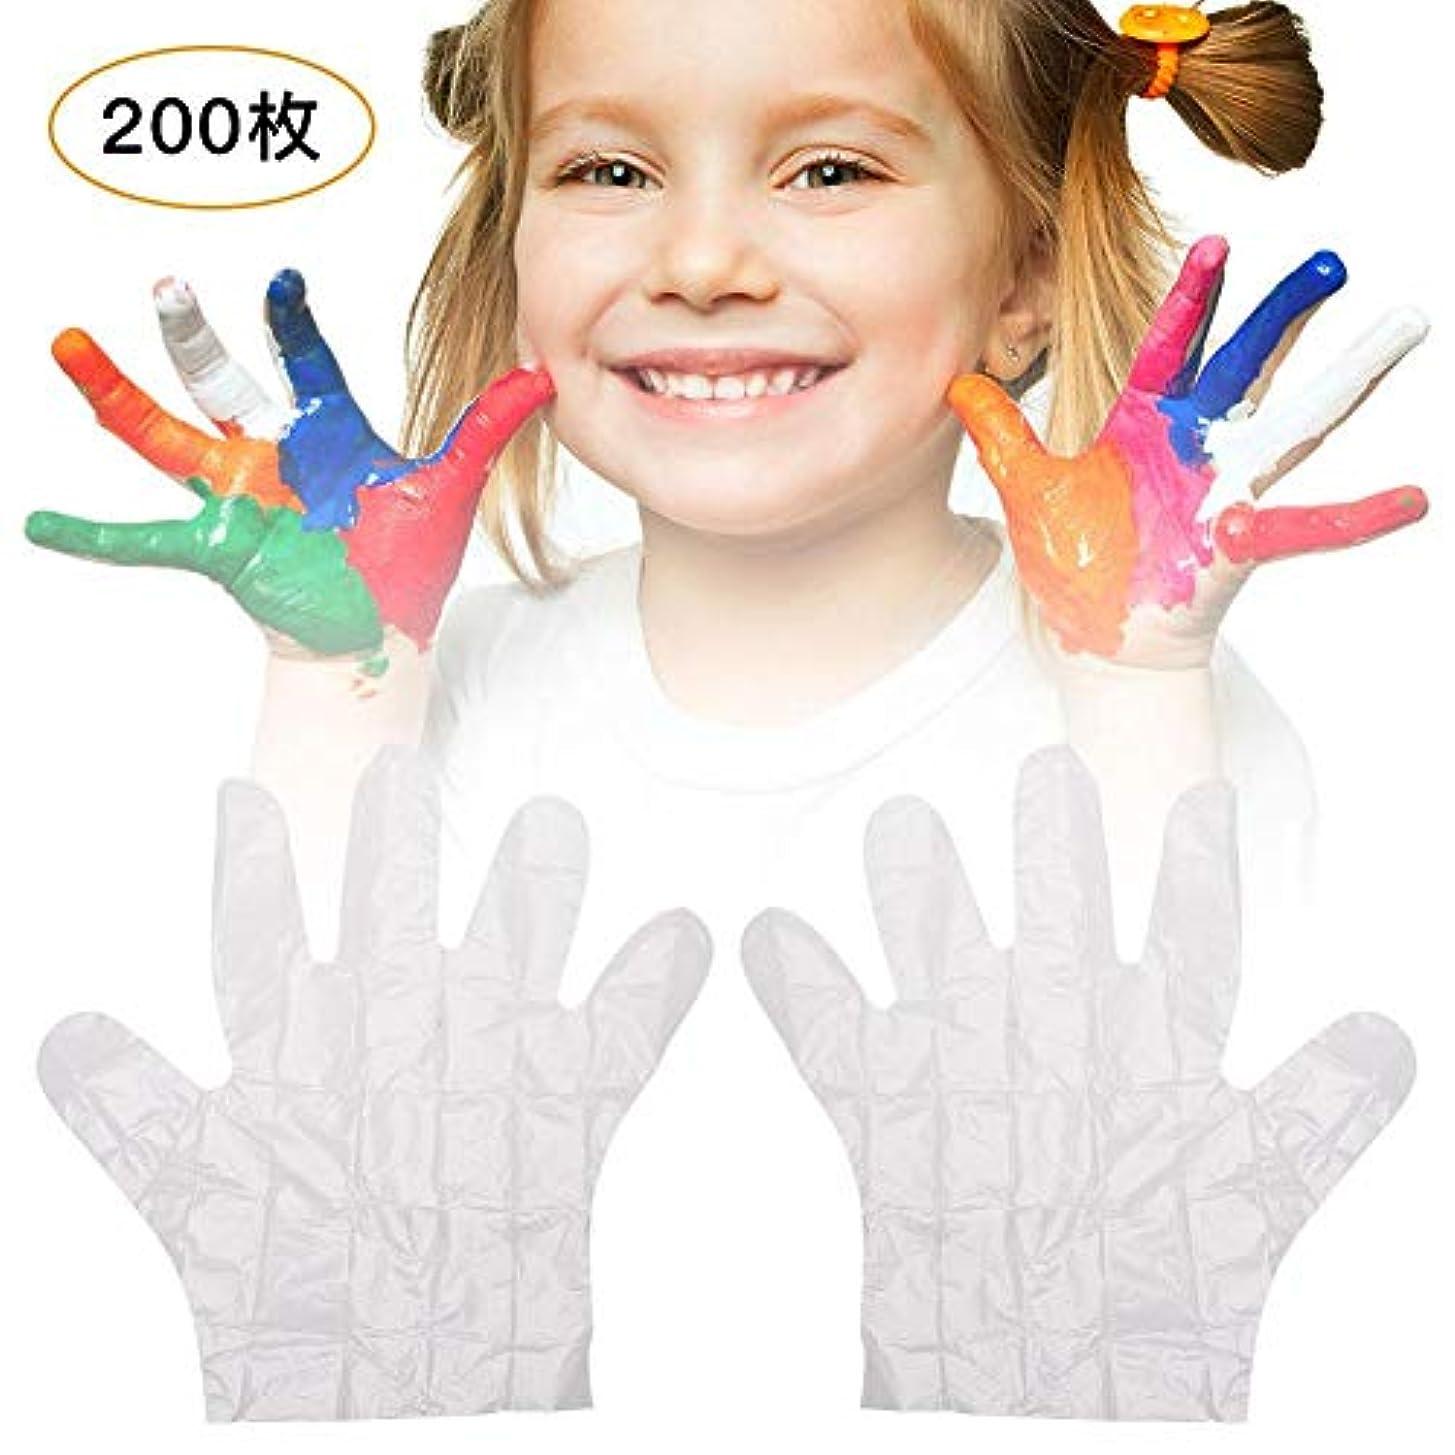 すごいアルコーブふくろう使い捨て手袋 子供用 極薄ビニール手袋 LUERME ポリエチレン 透明 実用 衛生 100枚/200枚セット 左右兼用